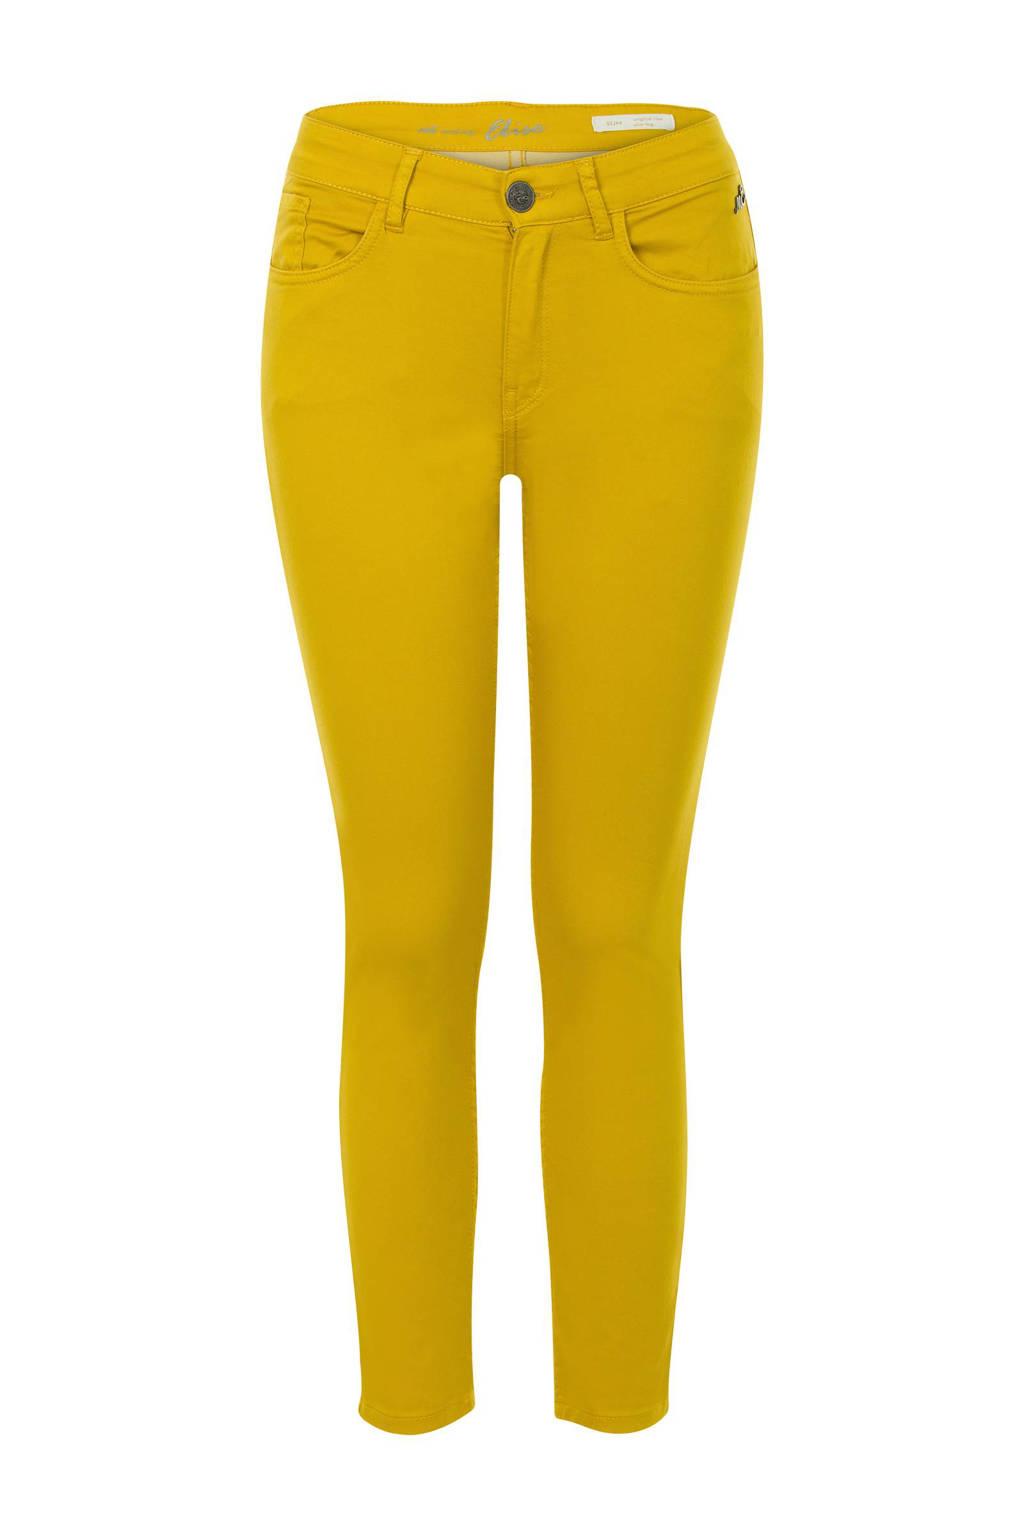 Miss Etam Regulier slim fit broek geel, Geel